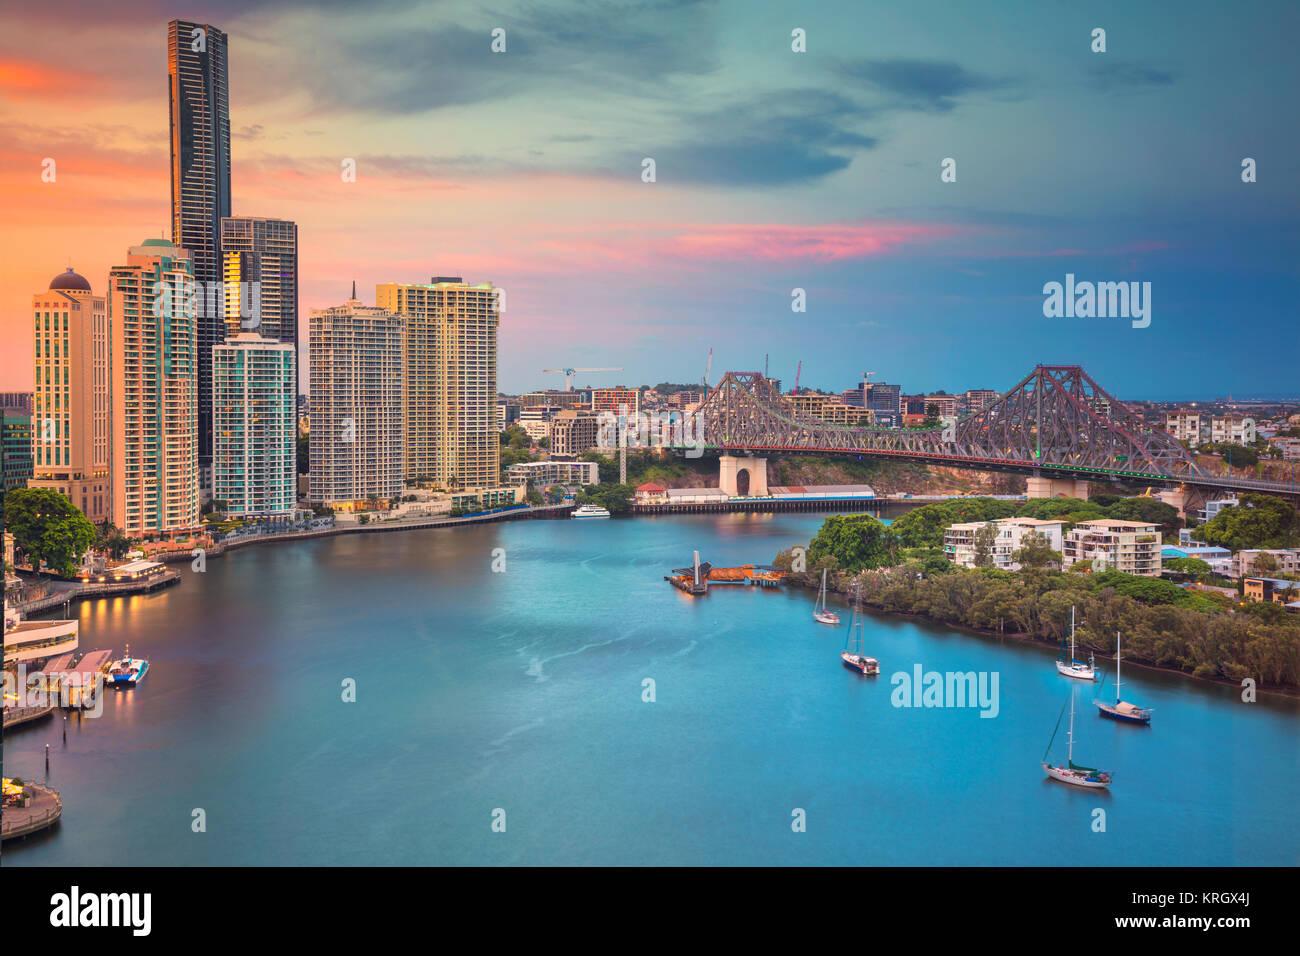 Brisbane. Stadtbild bild Skyline von Brisbane, Australien während der dramatischen Sonnenuntergang. Stockbild